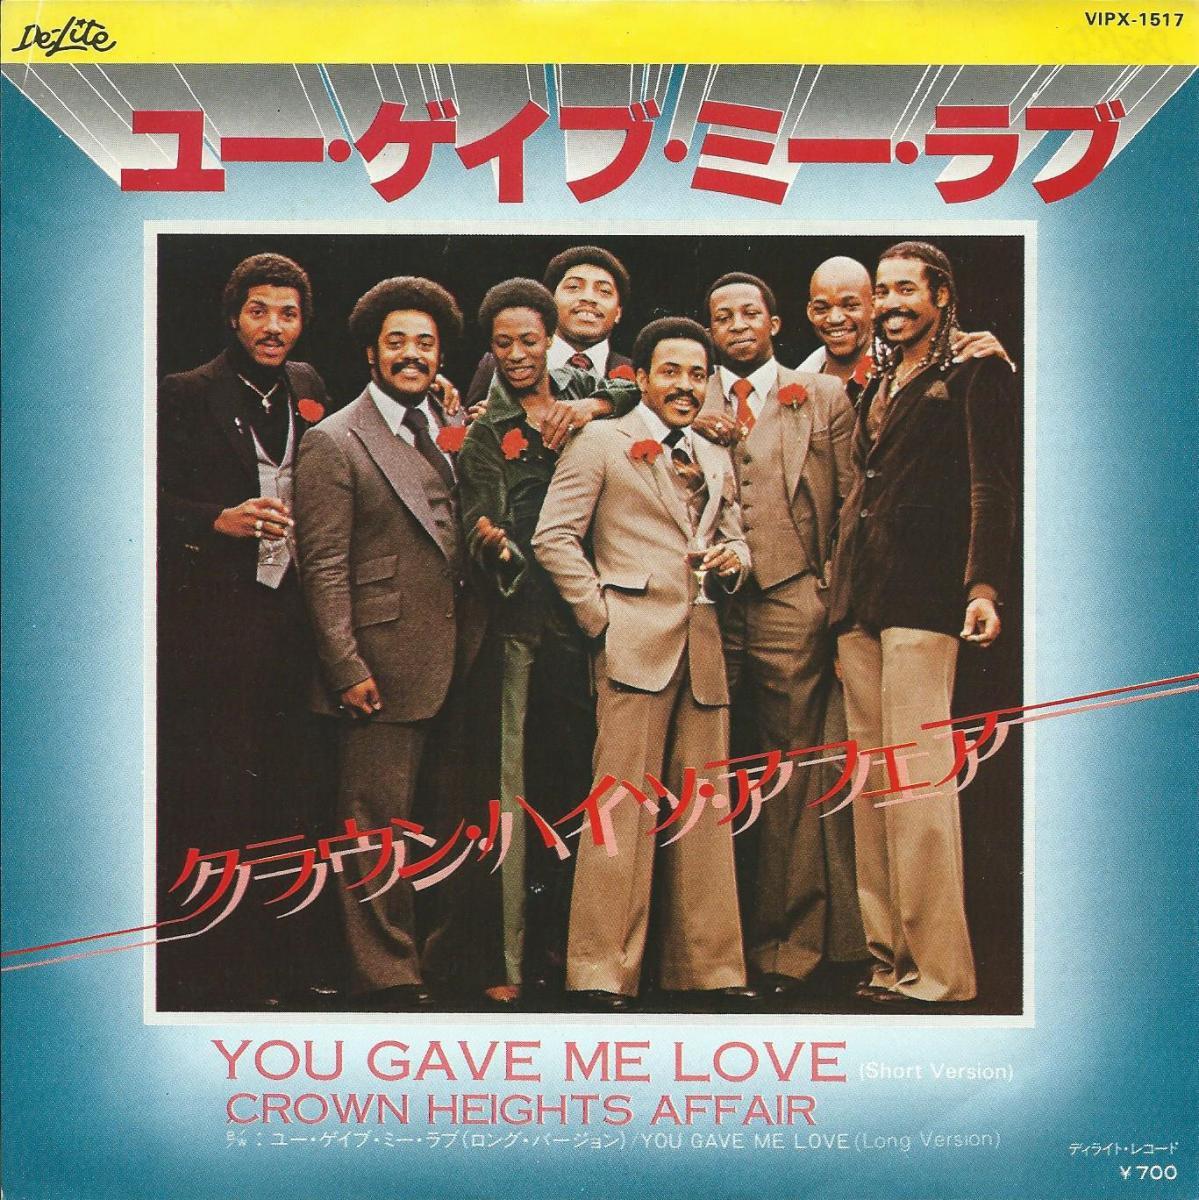 クラウン・ハイツ・アフェア CROWN HEIGHTS AFFAIR / ユー・ゲイブ・ミーラブ YOU GAVE ME LOVE (7